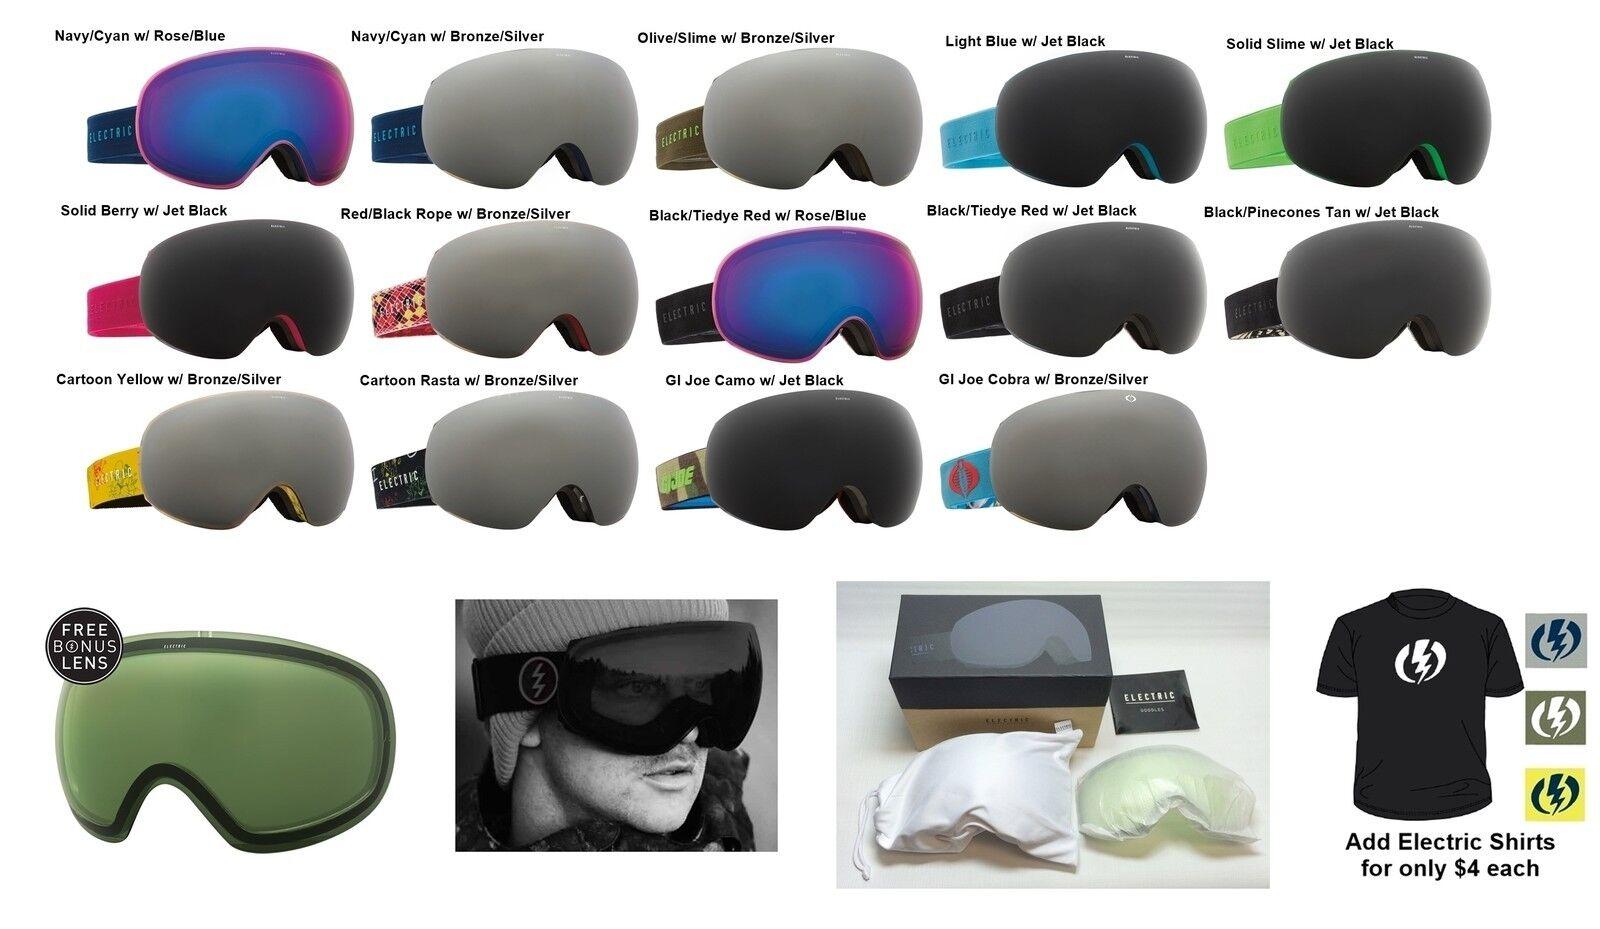 NEW Electric EG3 mens overGrößed ski snowboard goggles + lens 2016 Msrp220